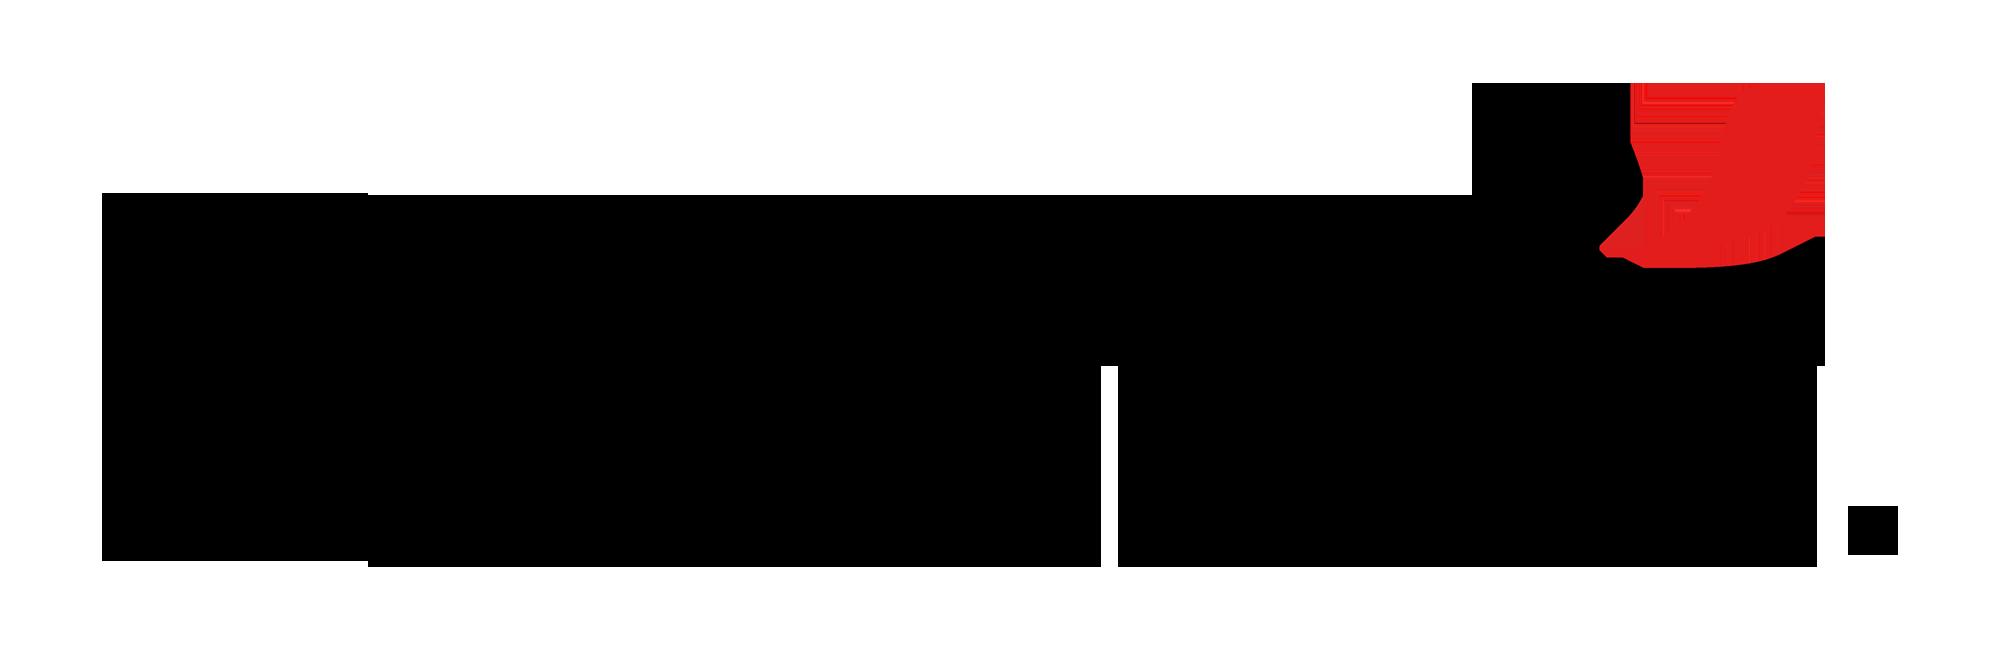 Télécharger photo nescafe logo png